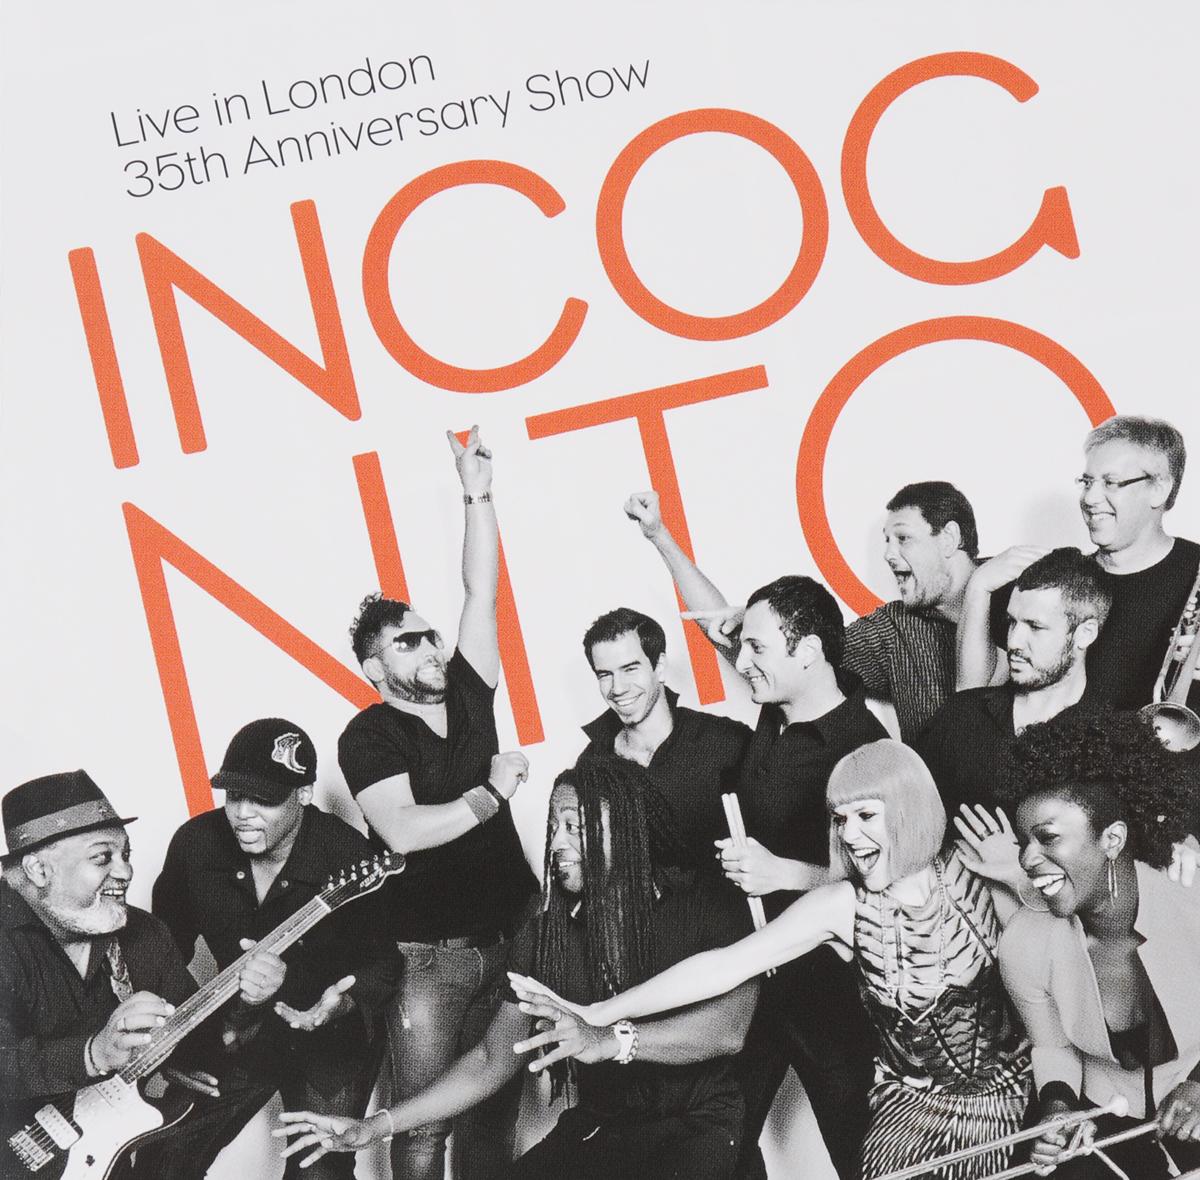 Incognito Incognito. Live In London 35th Anniversary Show (2 CD) incognito incognito tales from the beach